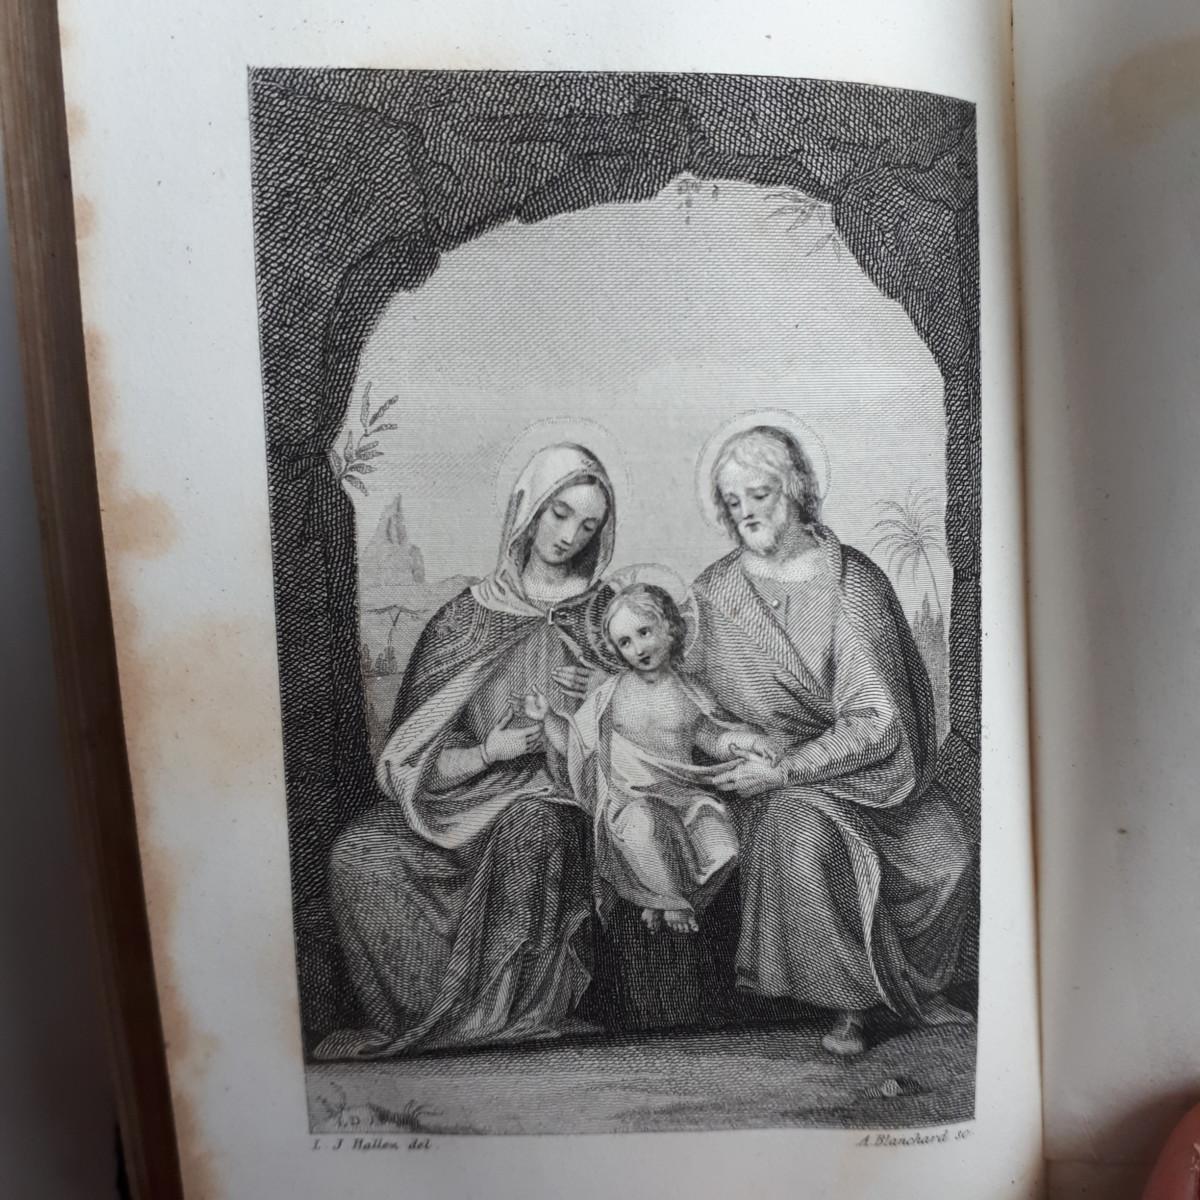 Miroir des jeunes chr tien la librairie antique for Miroir french to english